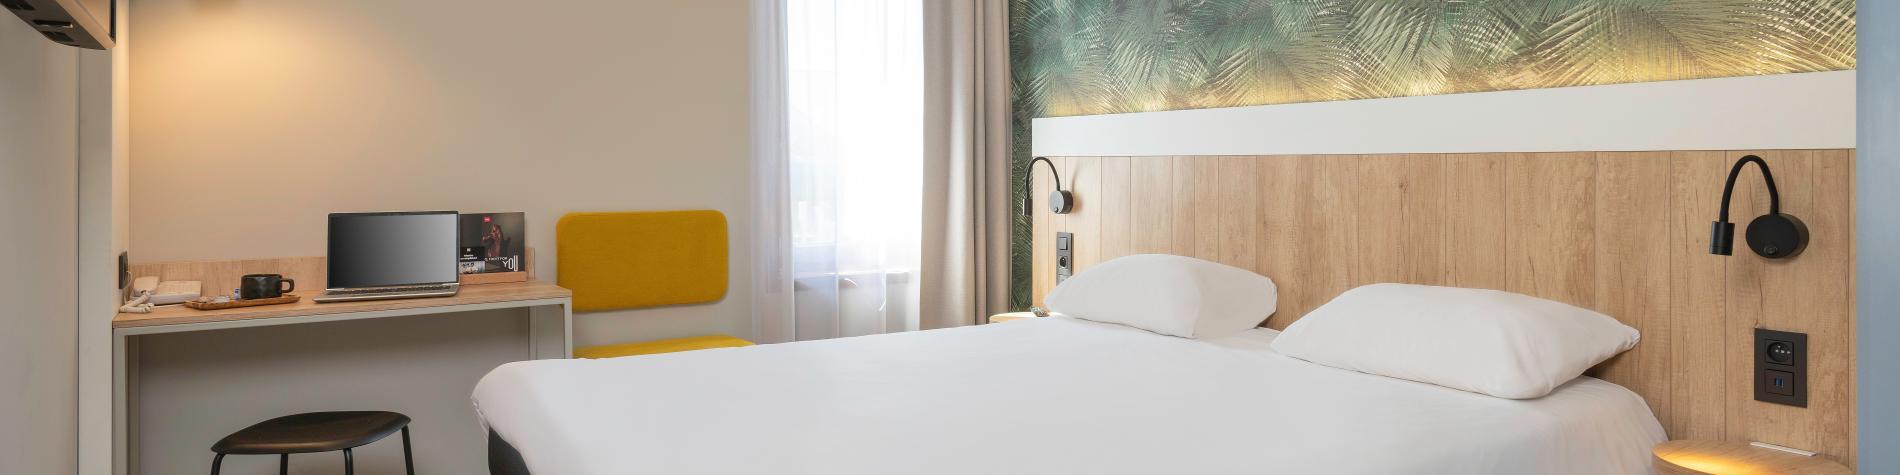 WATERLOO HOTEL - IBIS BRUSSELS WATERLOO